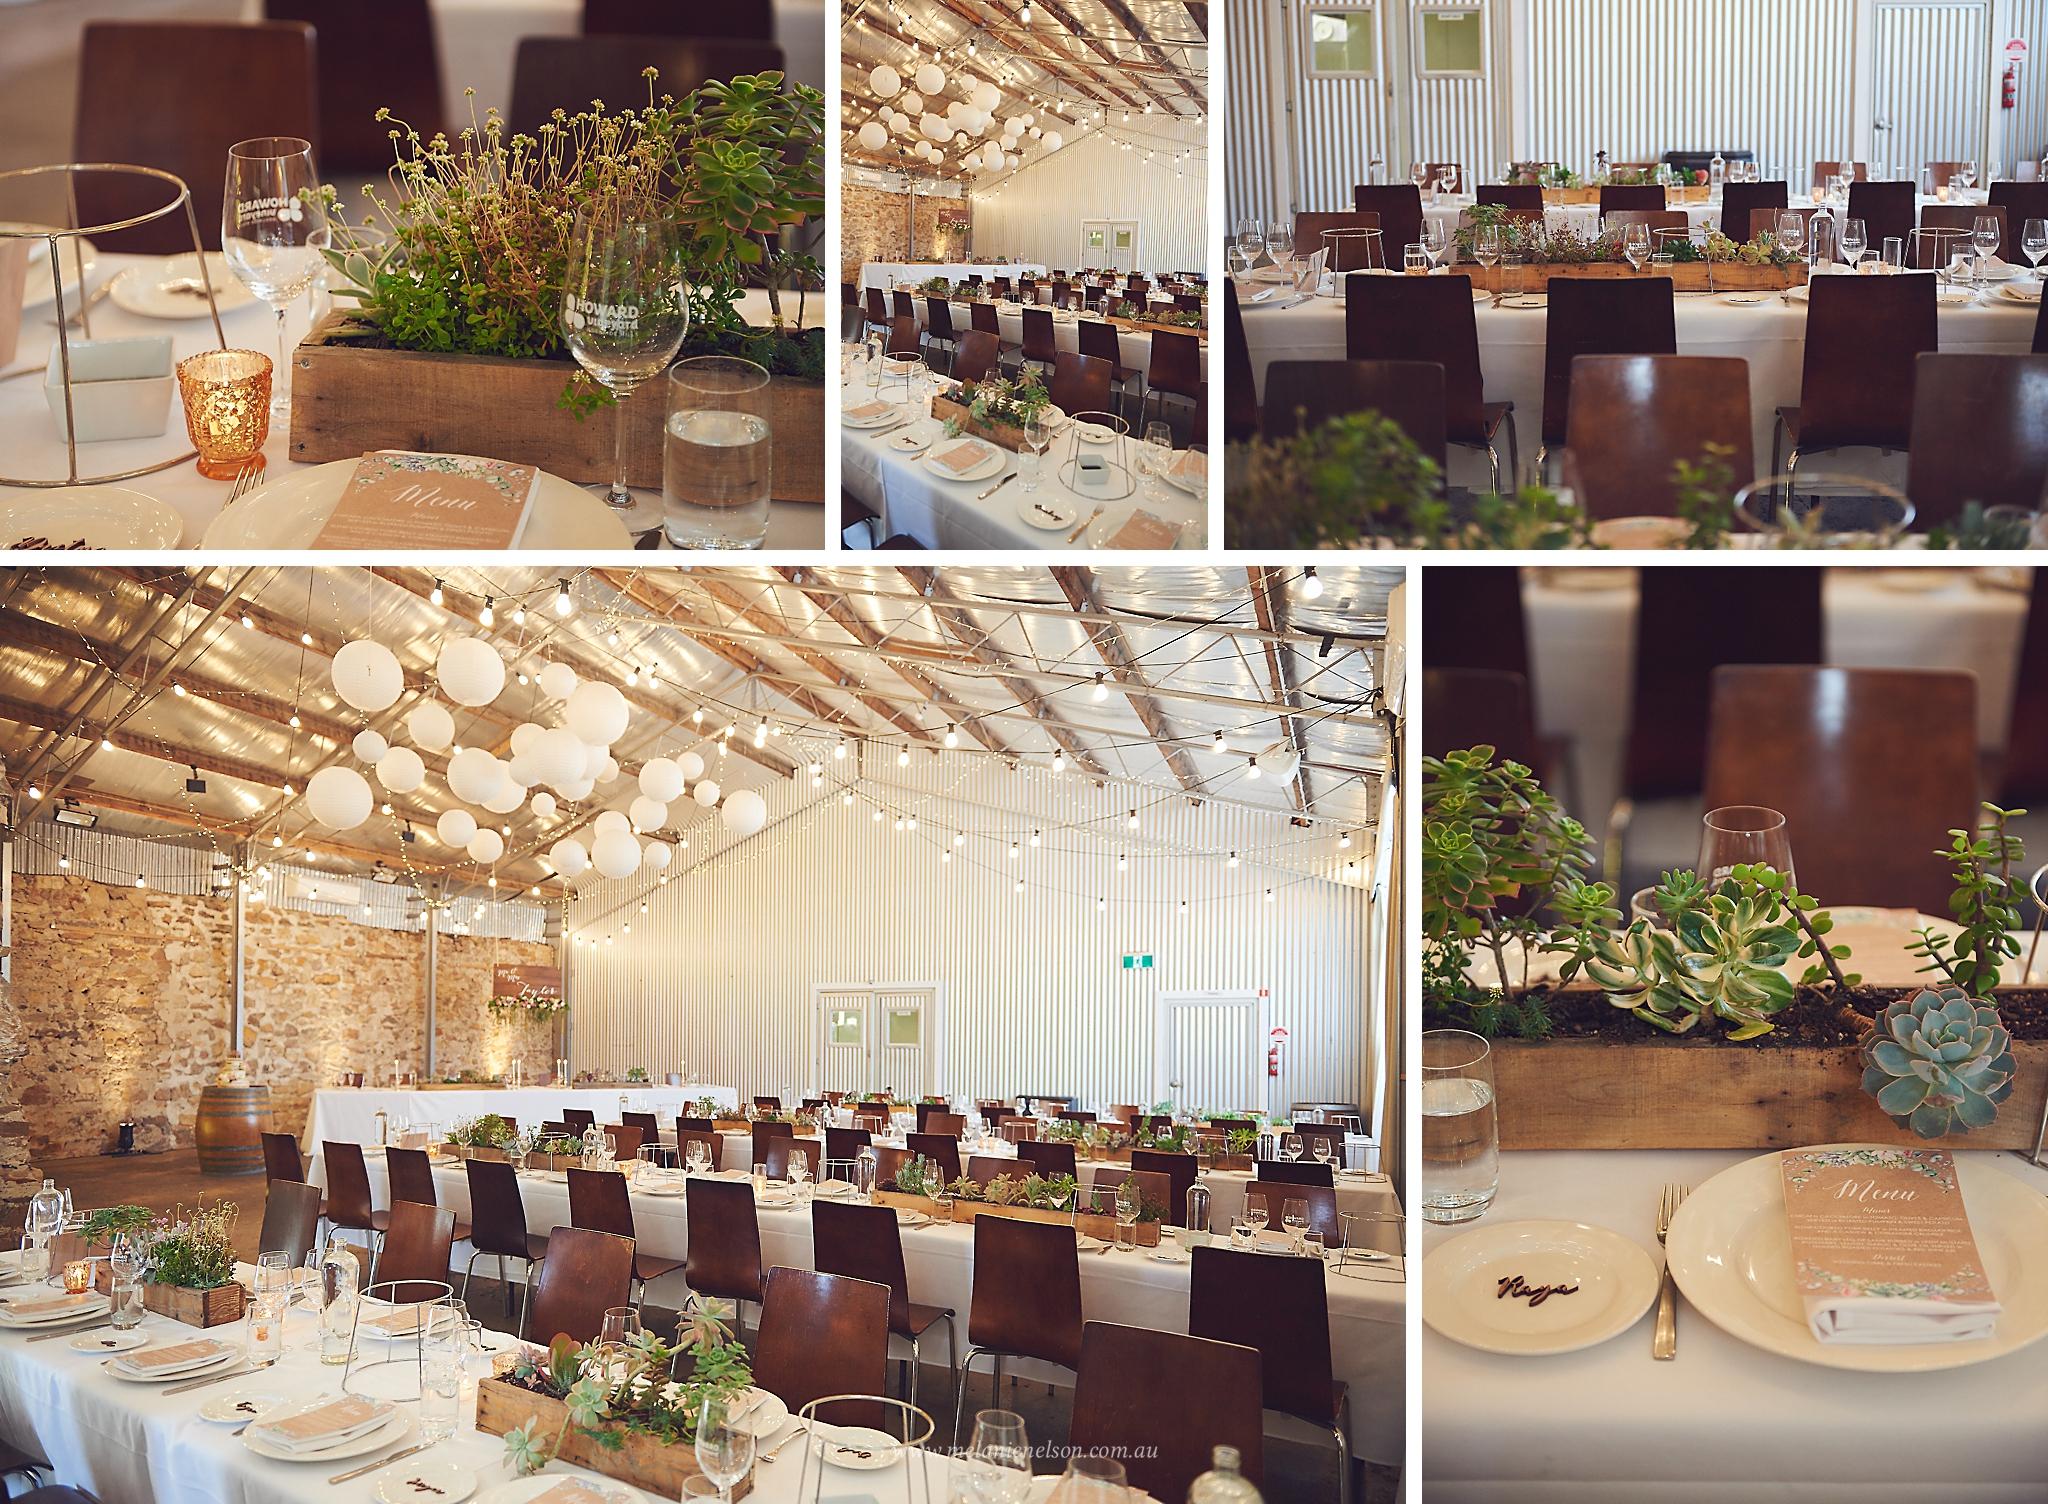 howards_vineyard_wedding_0032.jpg